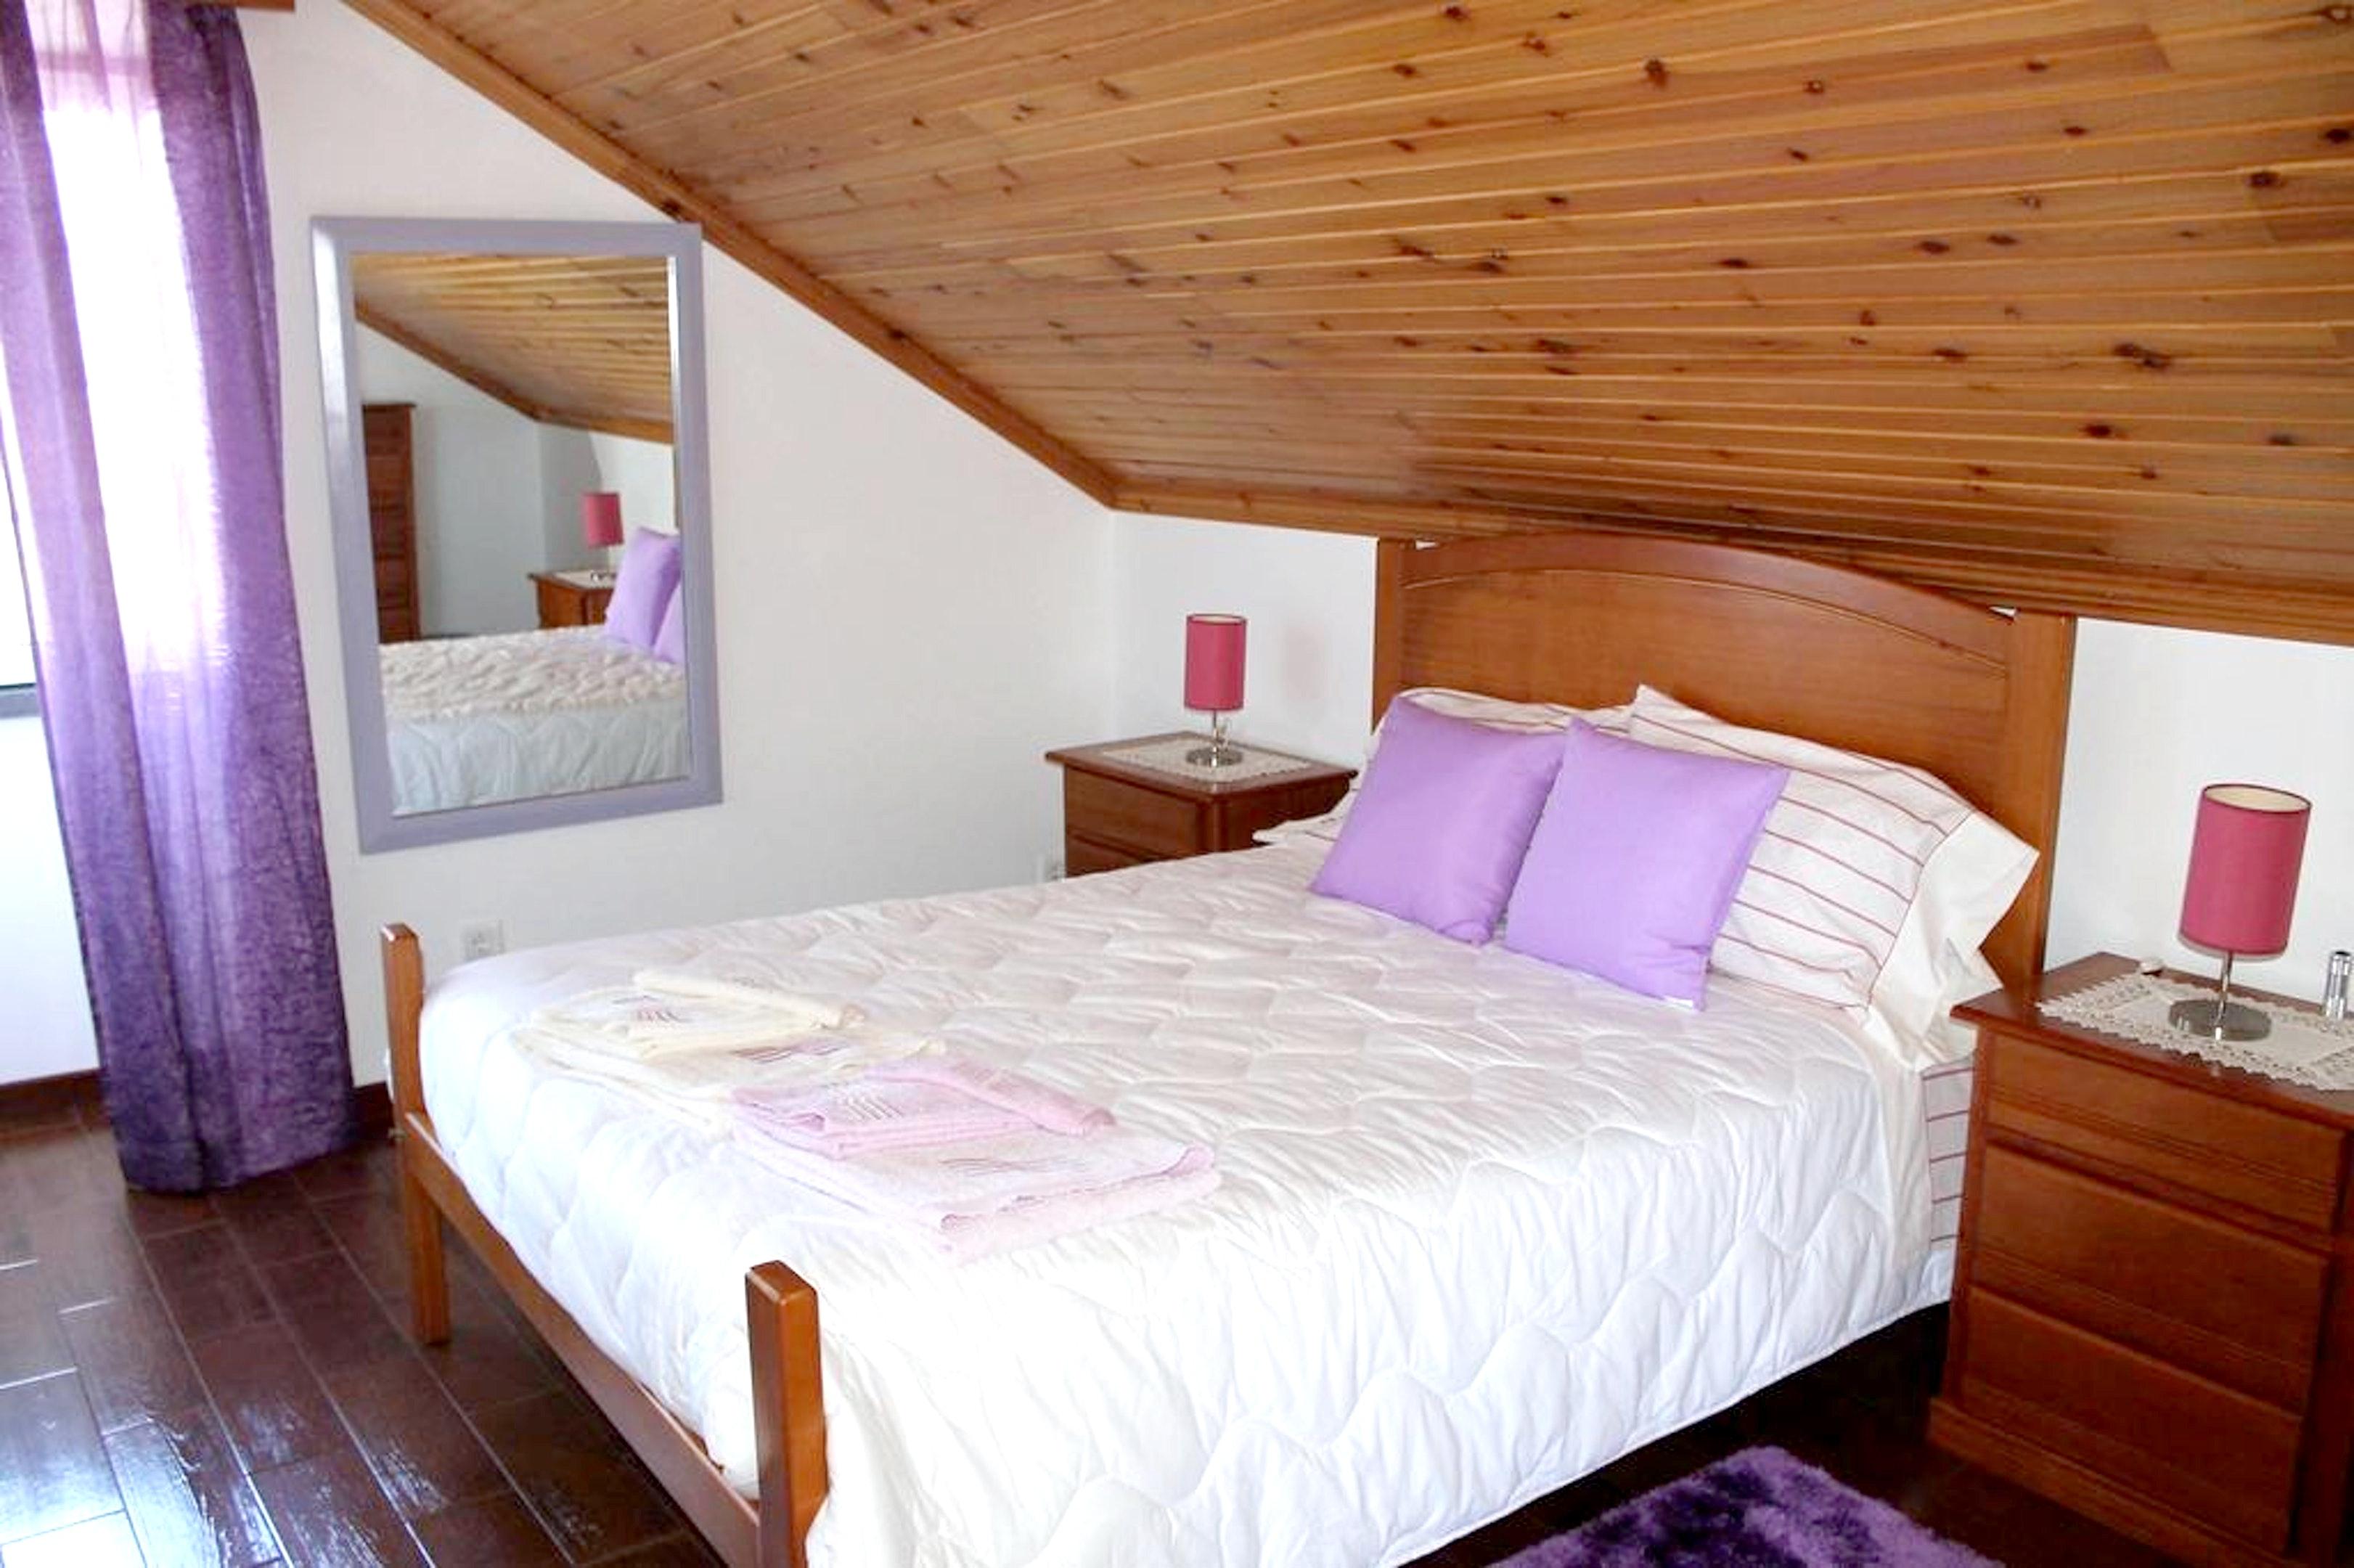 Ferienhaus Haus mit 3 Schlafzimmern in Prainha mit herrlichem Meerblick, eingezäuntem Garten und W-LA (2683894), Prainha, Pico, Azoren, Portugal, Bild 14